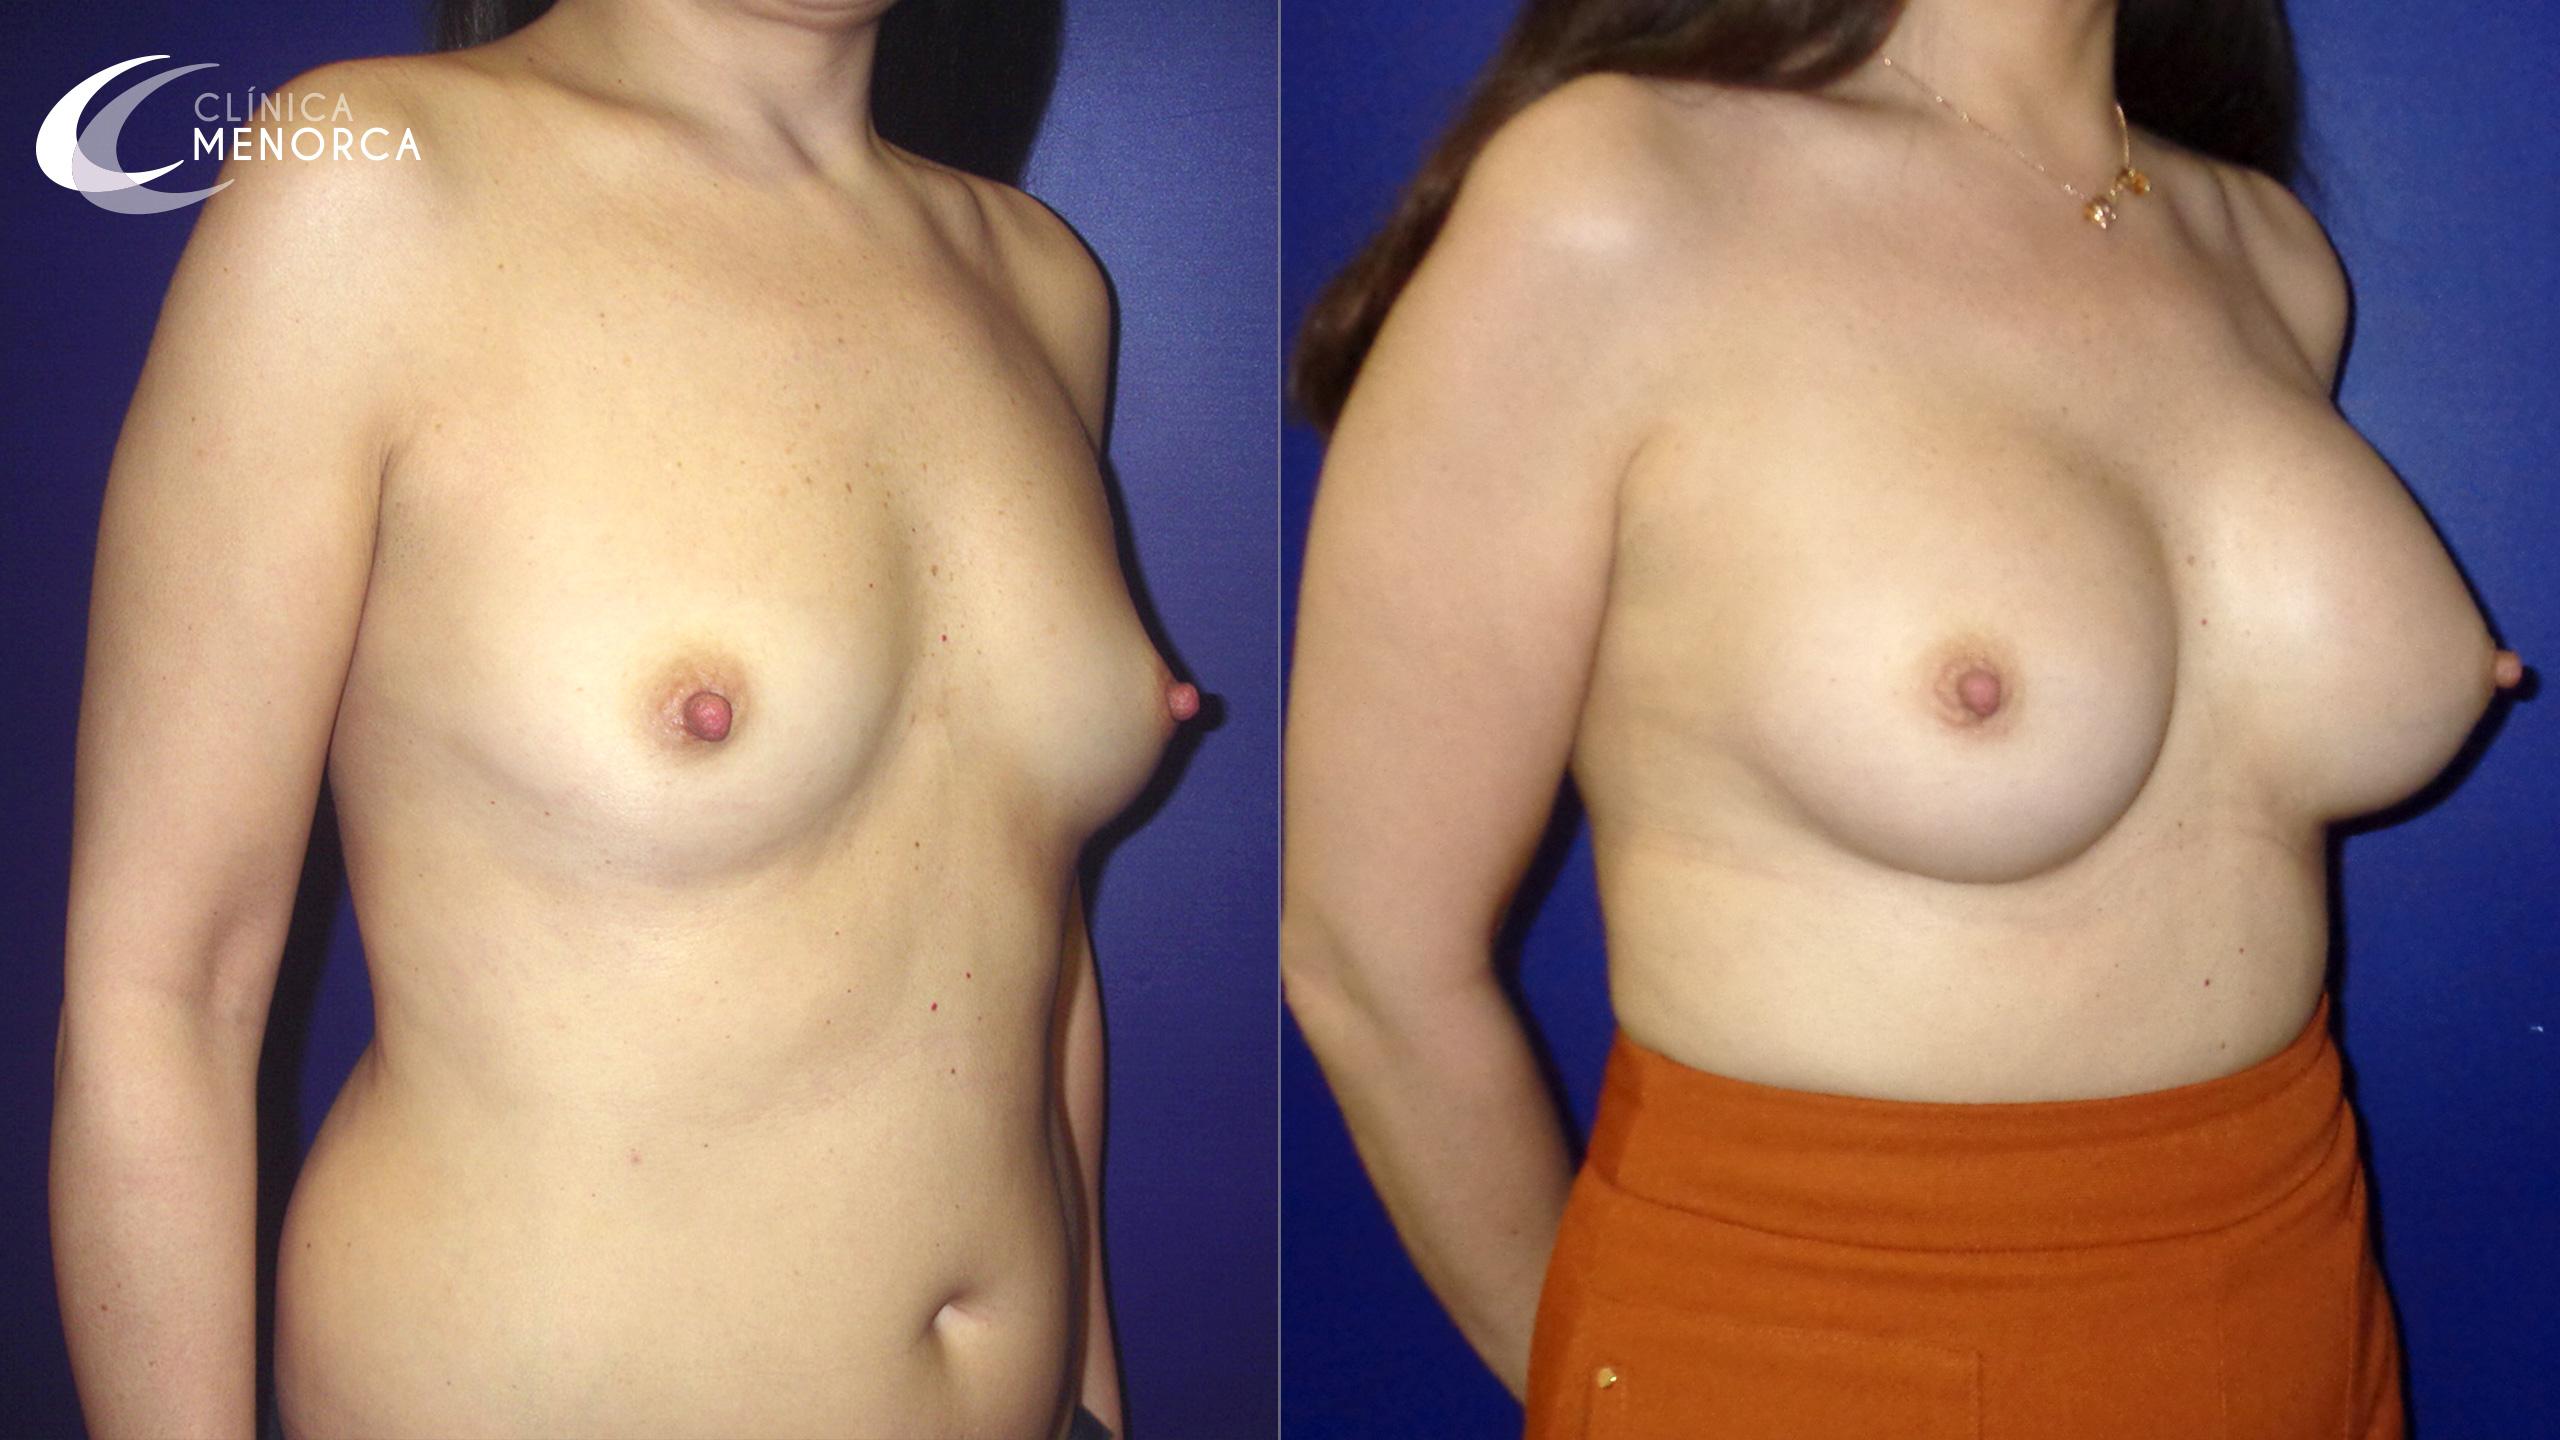 Pechos operados fotos de antes y después